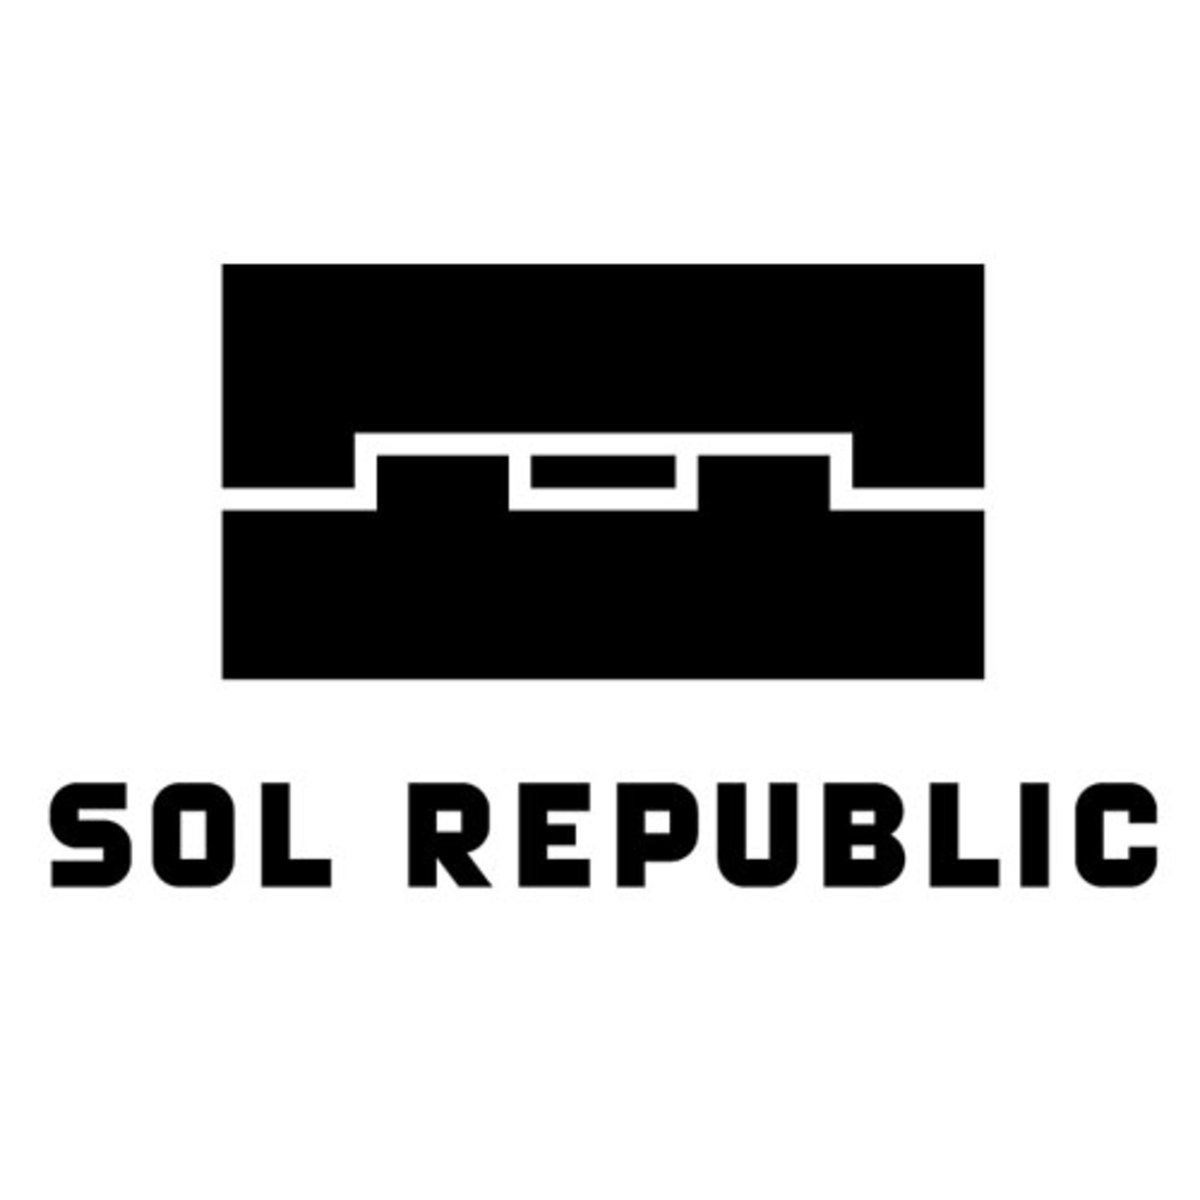 solrepublic-logo.jpg